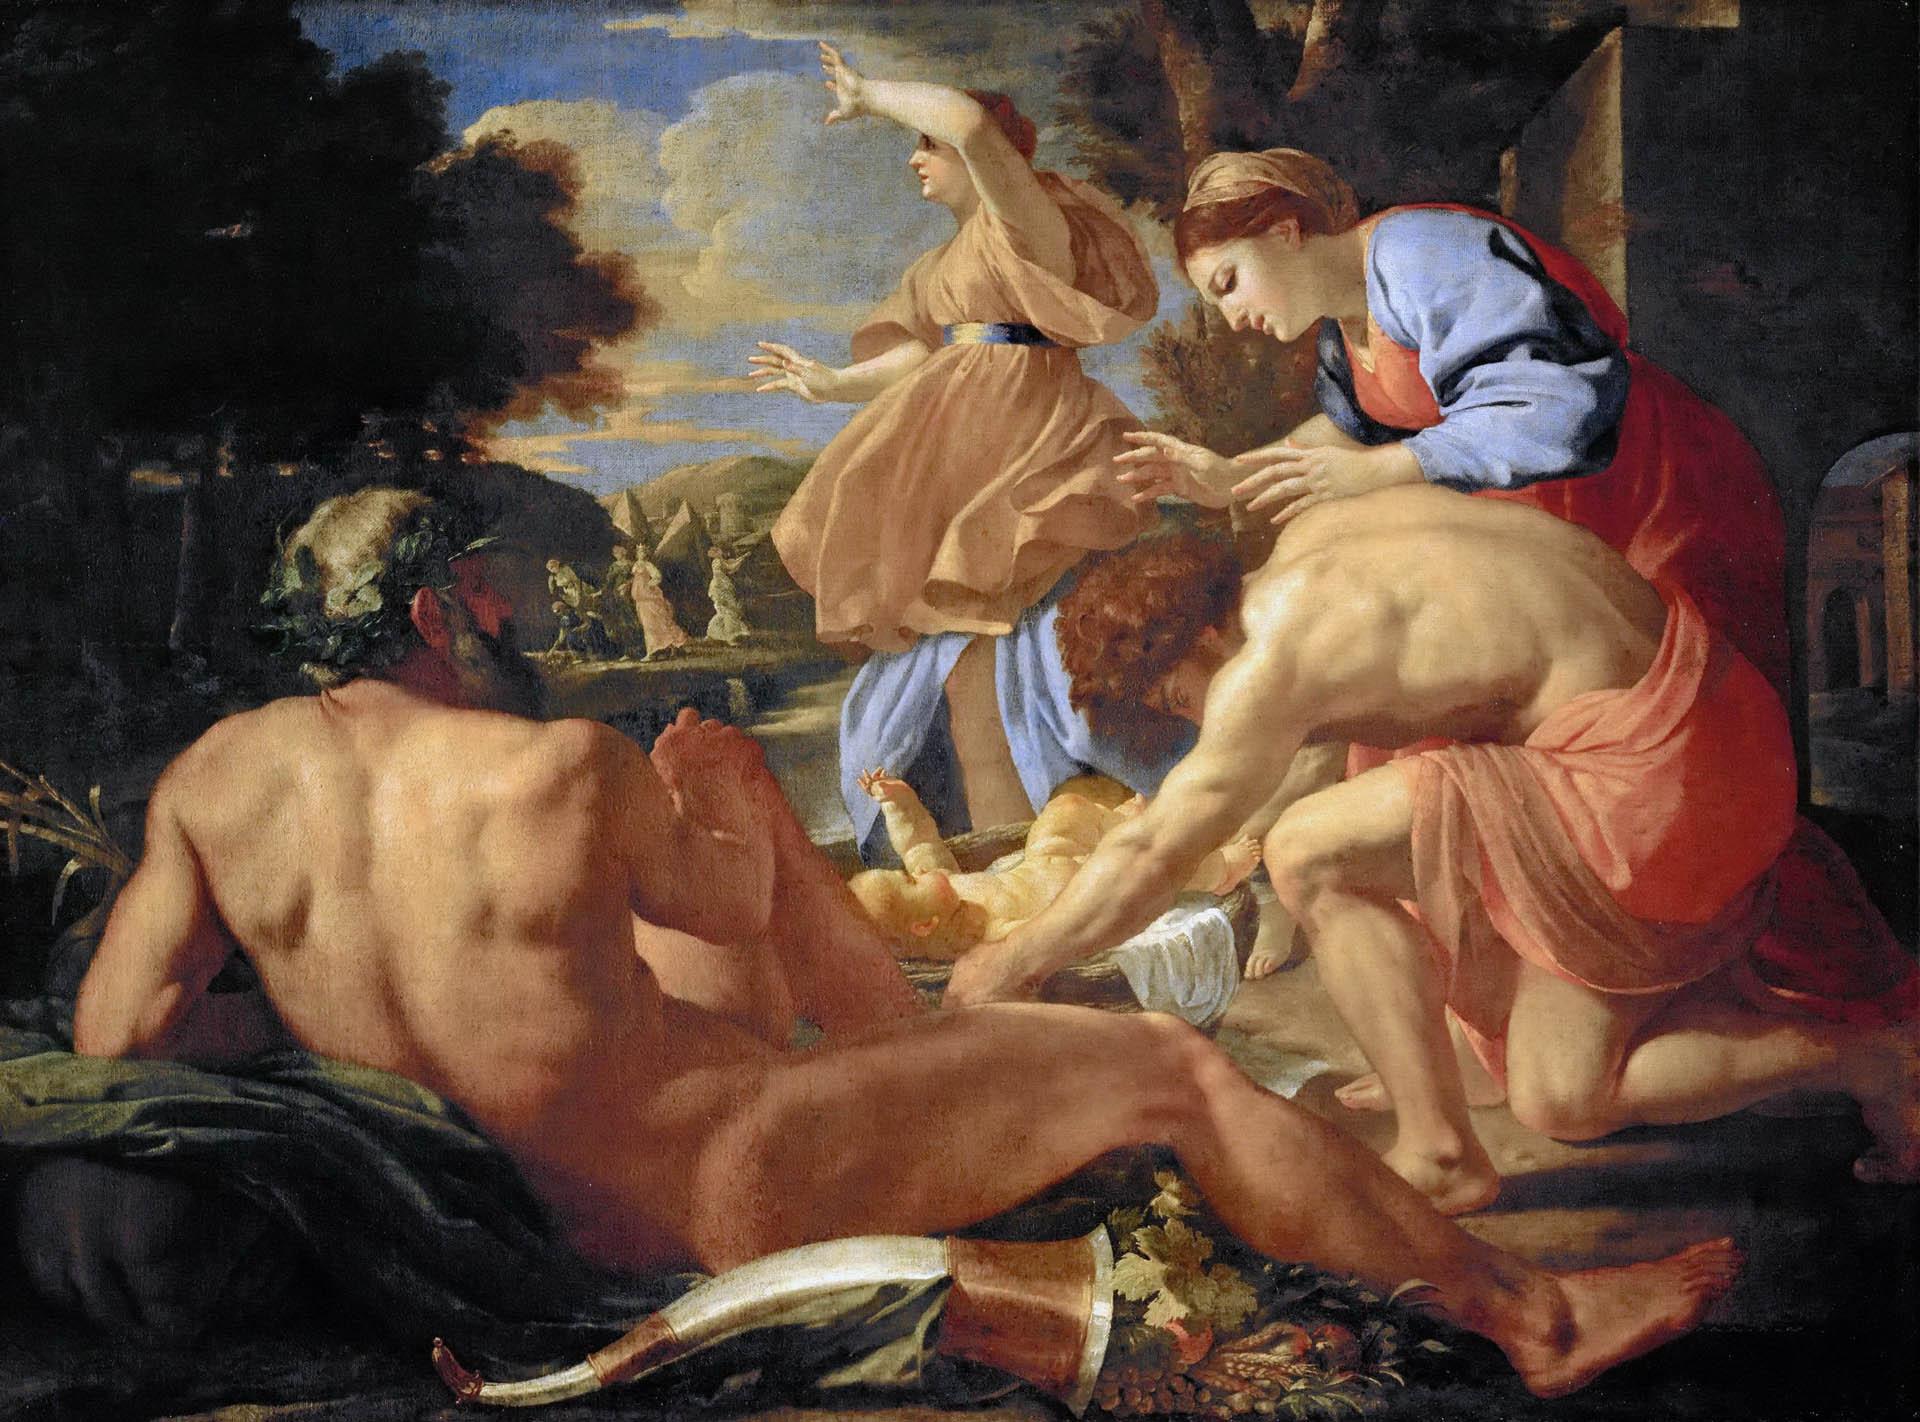 Никола Пуссен (Nicolas Poussin), Нахождение Моисея